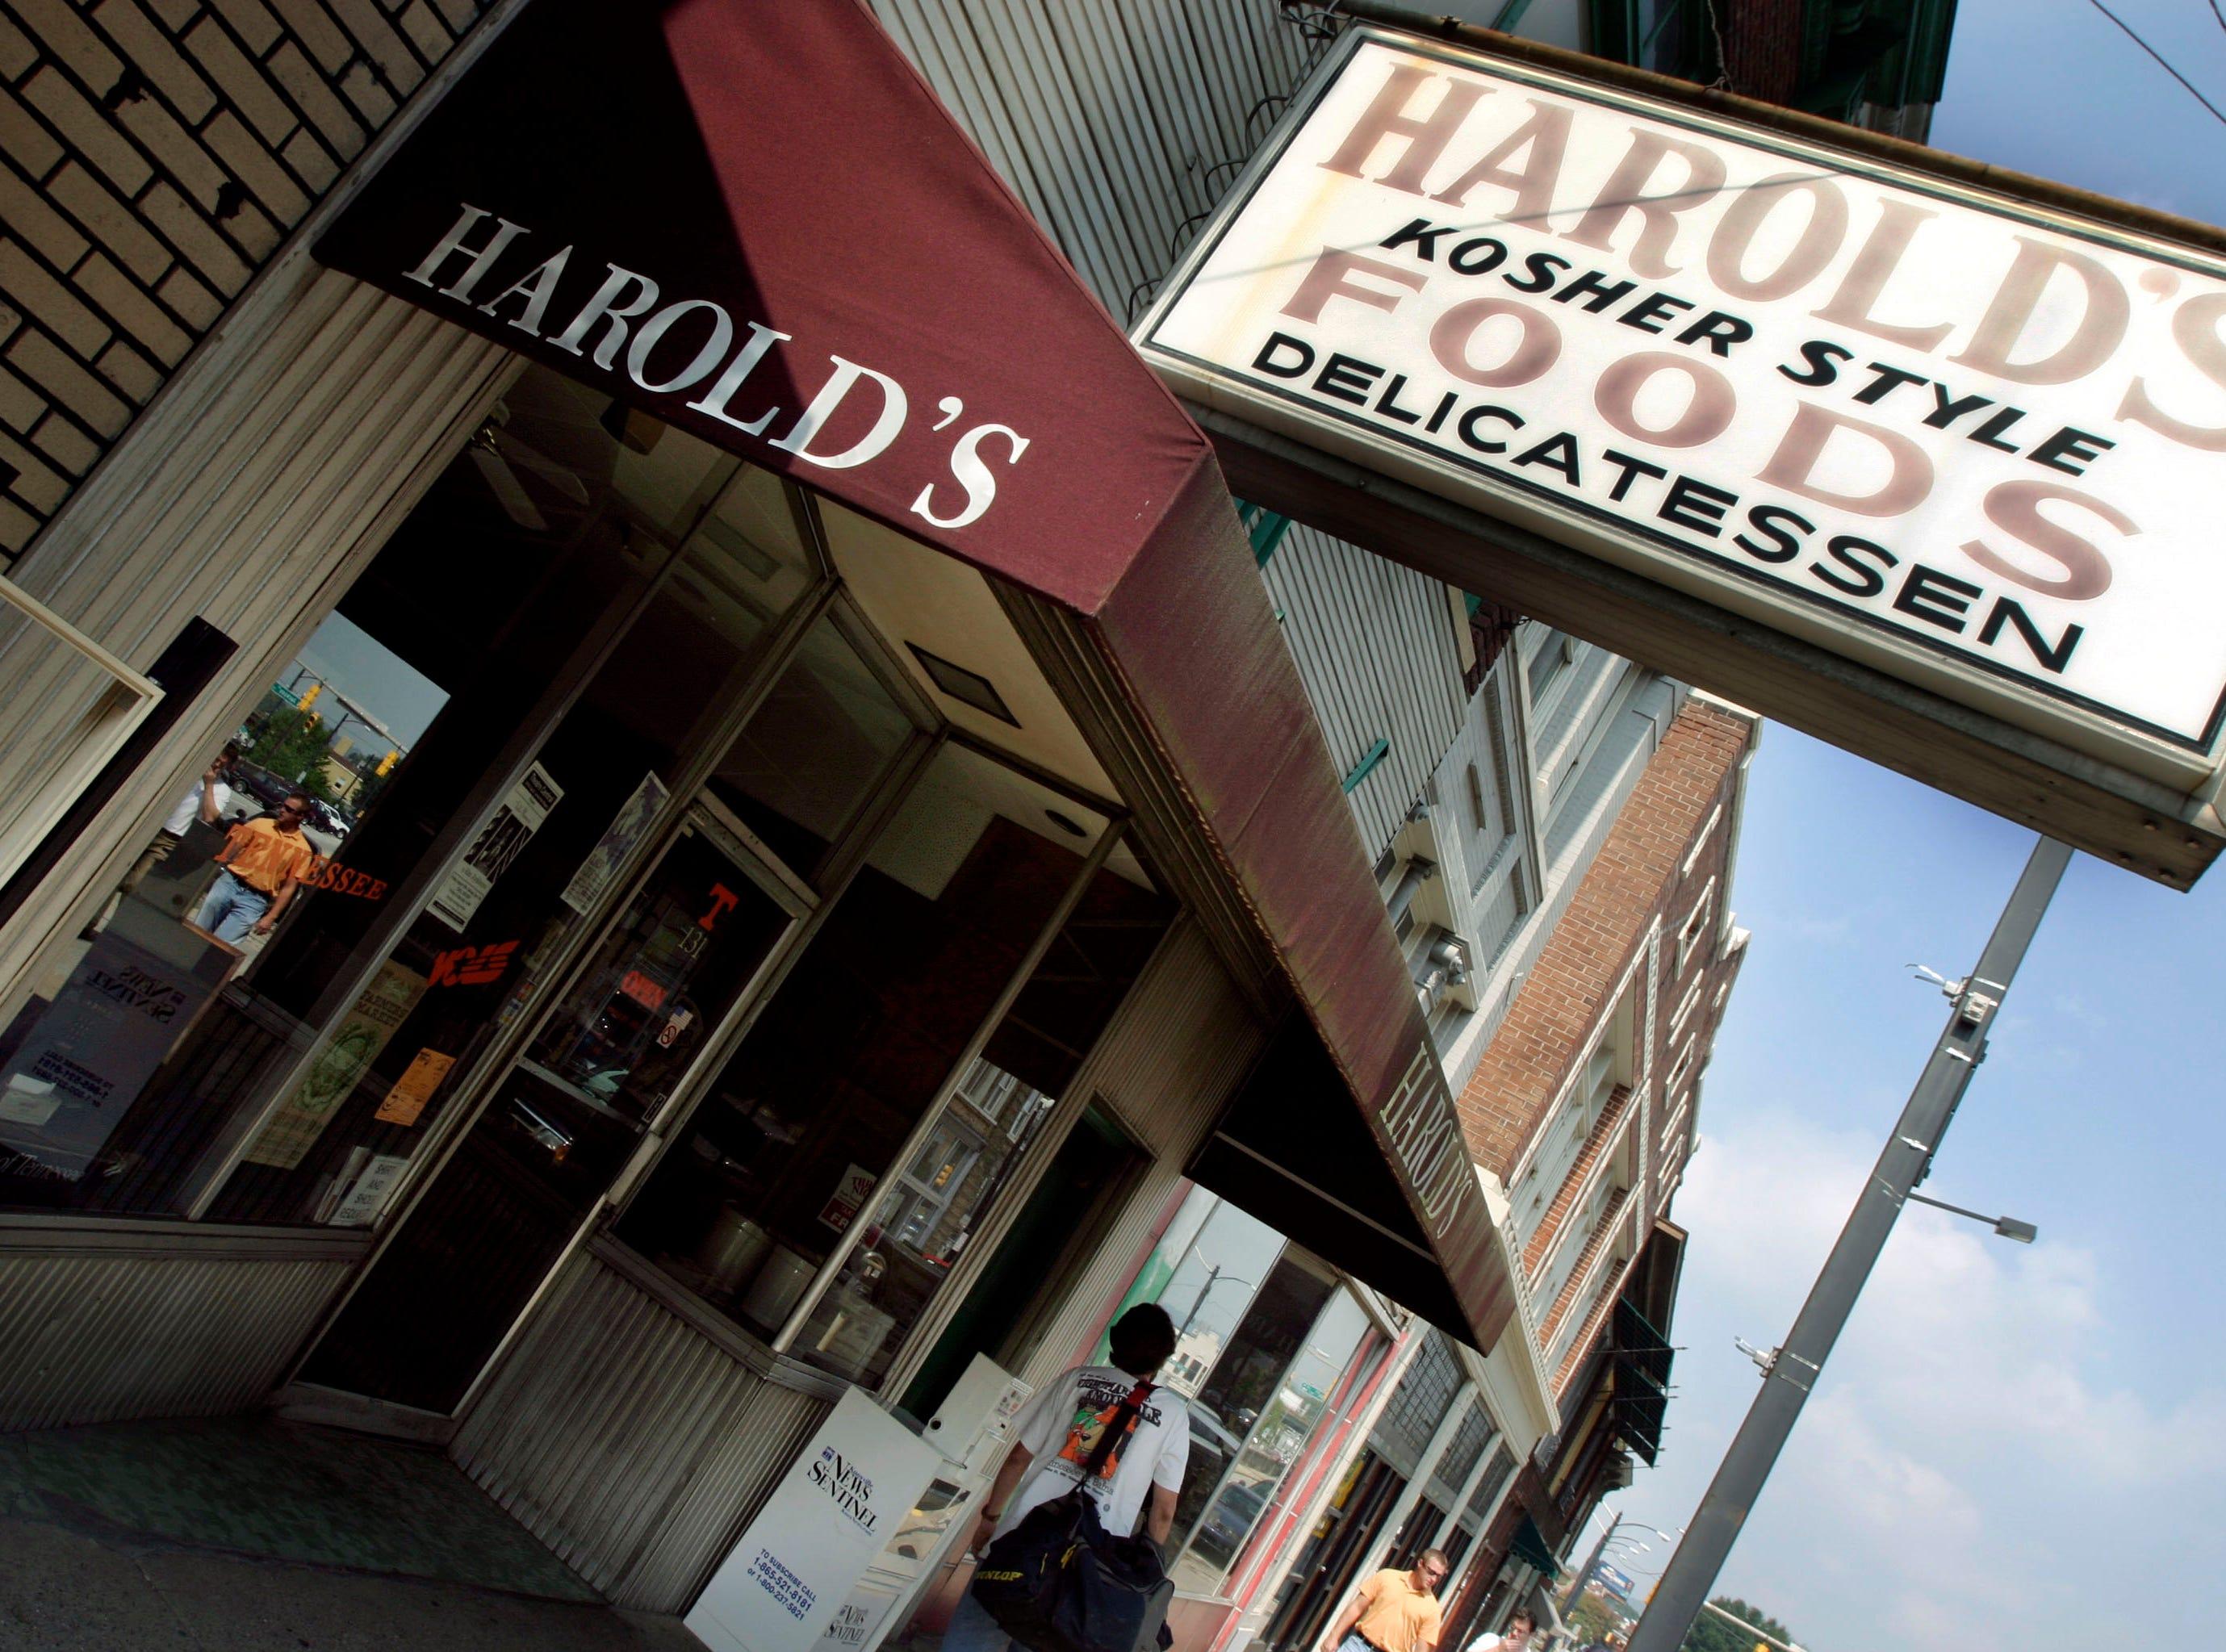 Harold's Deli in 2004.